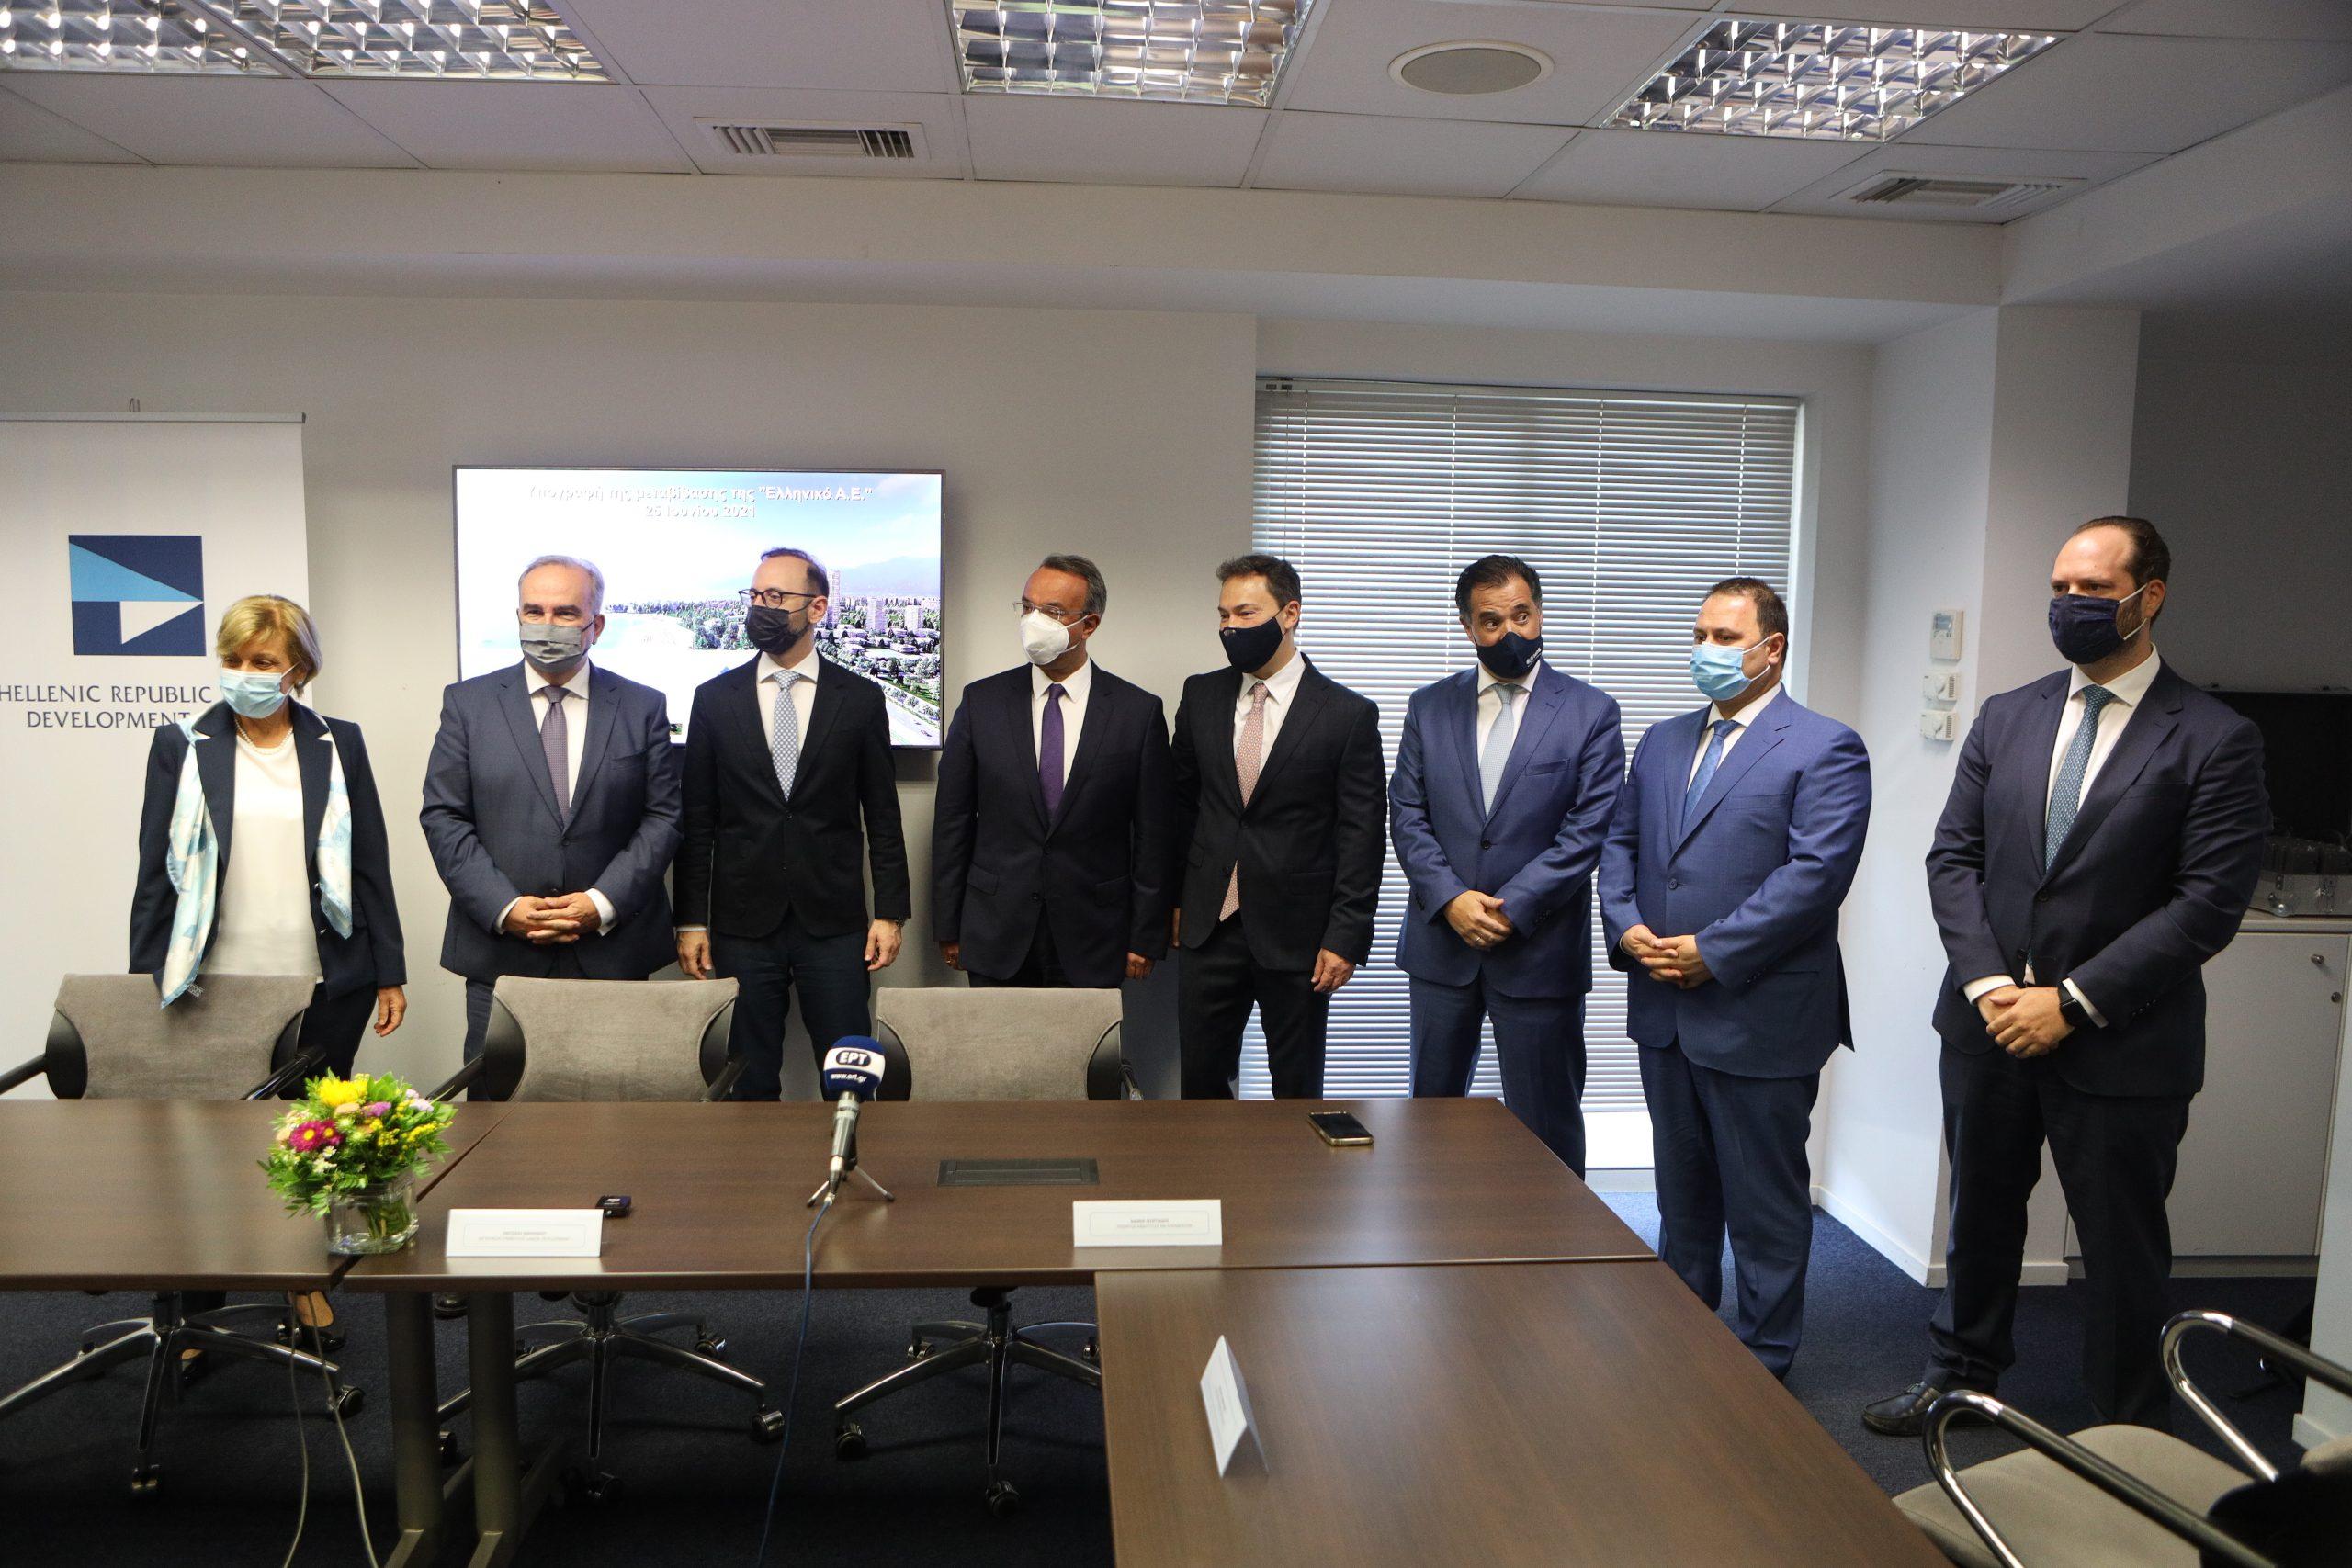 Δηλώσεις του Υπουργού Οικονομικών, κ. Χρήστου Σταϊκούρα, του Υπουργού Ανάπτυξης και Επενδύσεων, κ. Άδωνι Γεωργιάδη και του Αναπληρωτή Υπουργού Ανάπτυξης και Επενδύσεων, κ. Νίκου Παπαθανάση για την ολοκλήρωση της διαδικασίας μεταβίβασης της «Ελληνικό Α.Ε.» στη Lamda Development